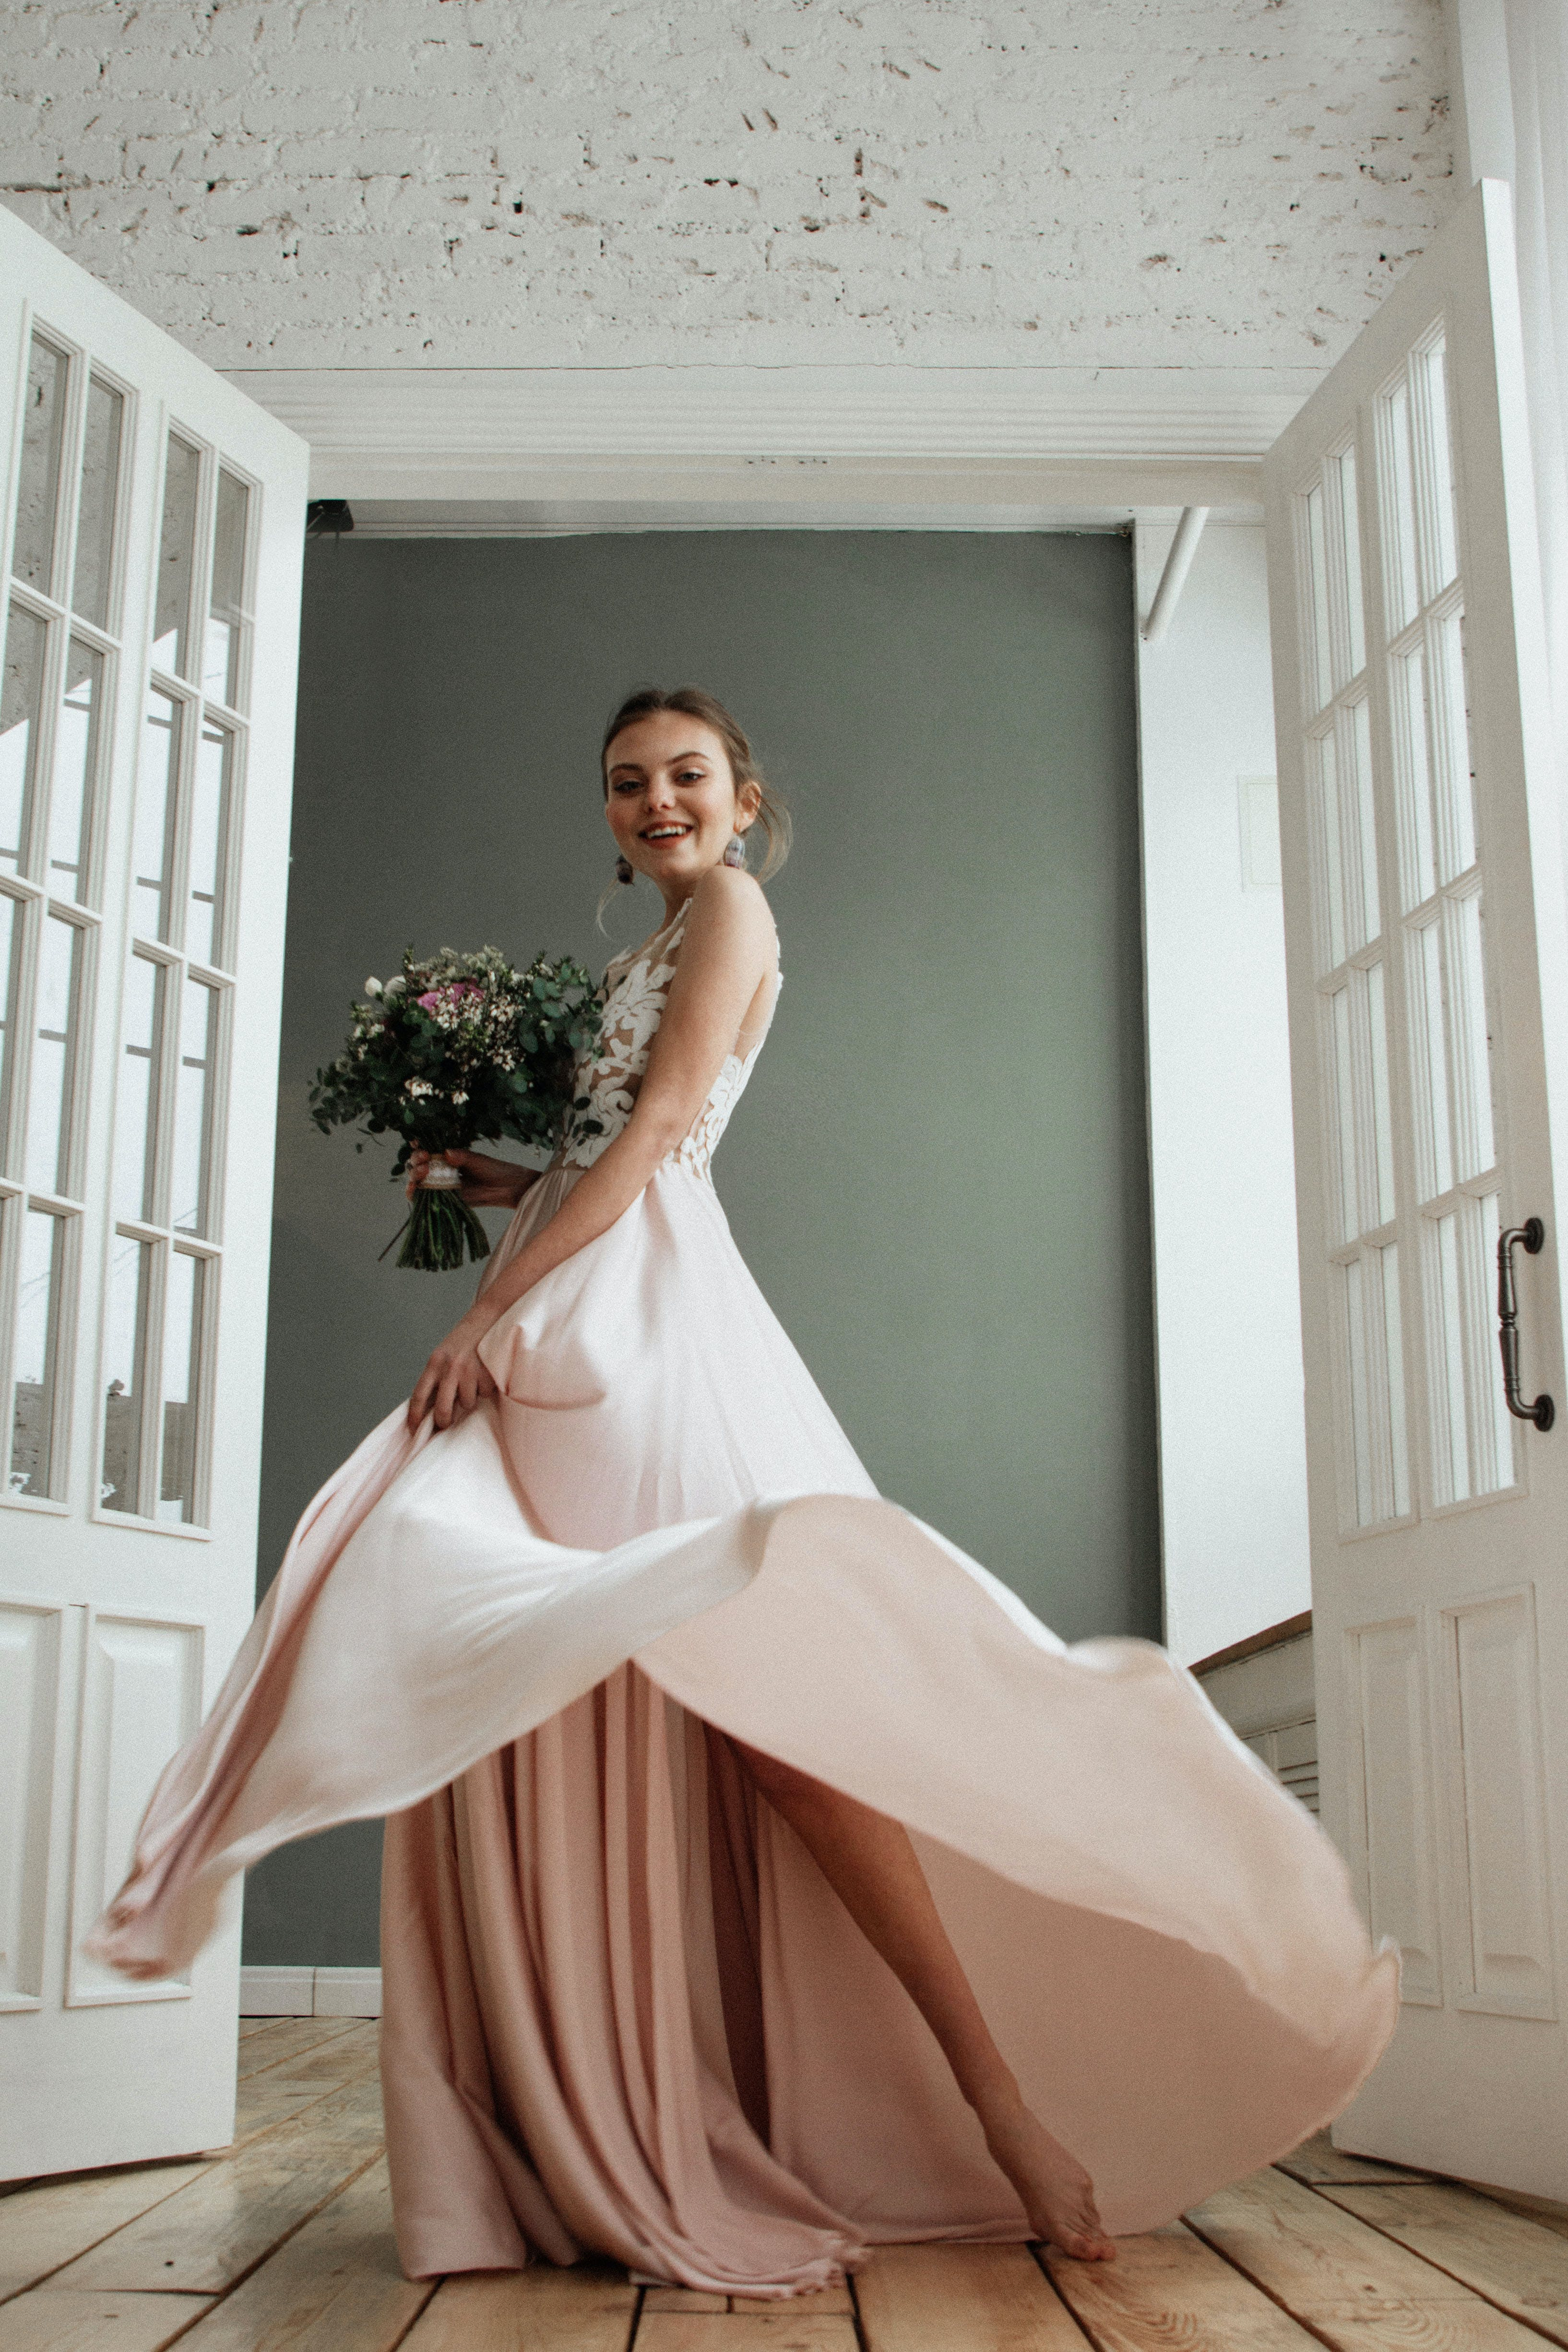 Immagine gratuita di abito, bellezza, bellissimo, donna